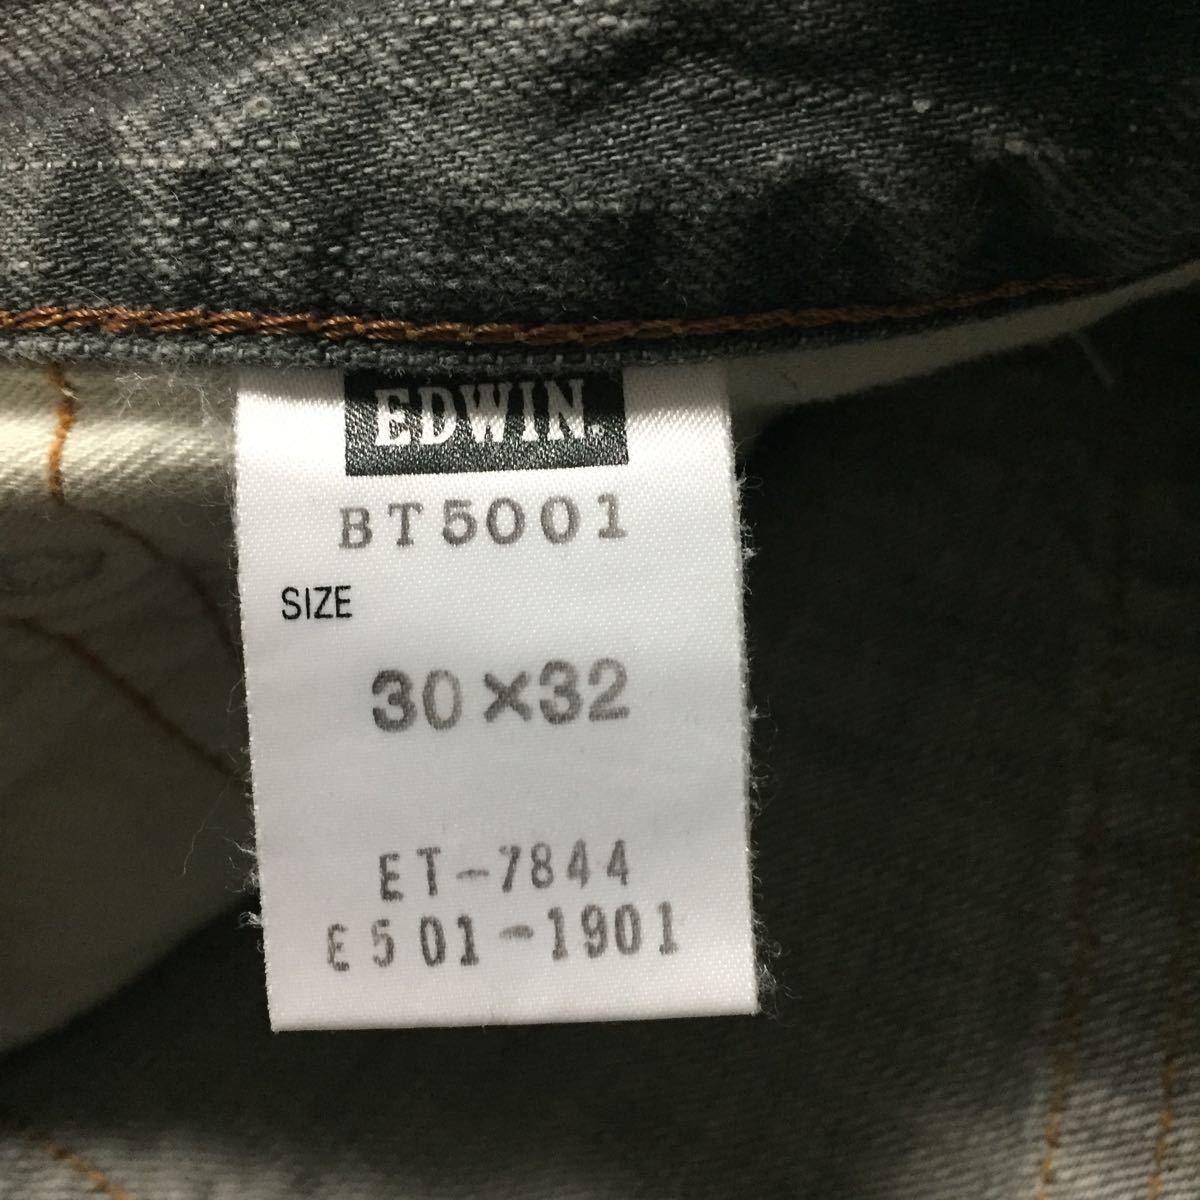 【美品】EDWINエドウィンBT5001ブーツカットBLUE TRIPブルートリップ30日本製グレー_画像7